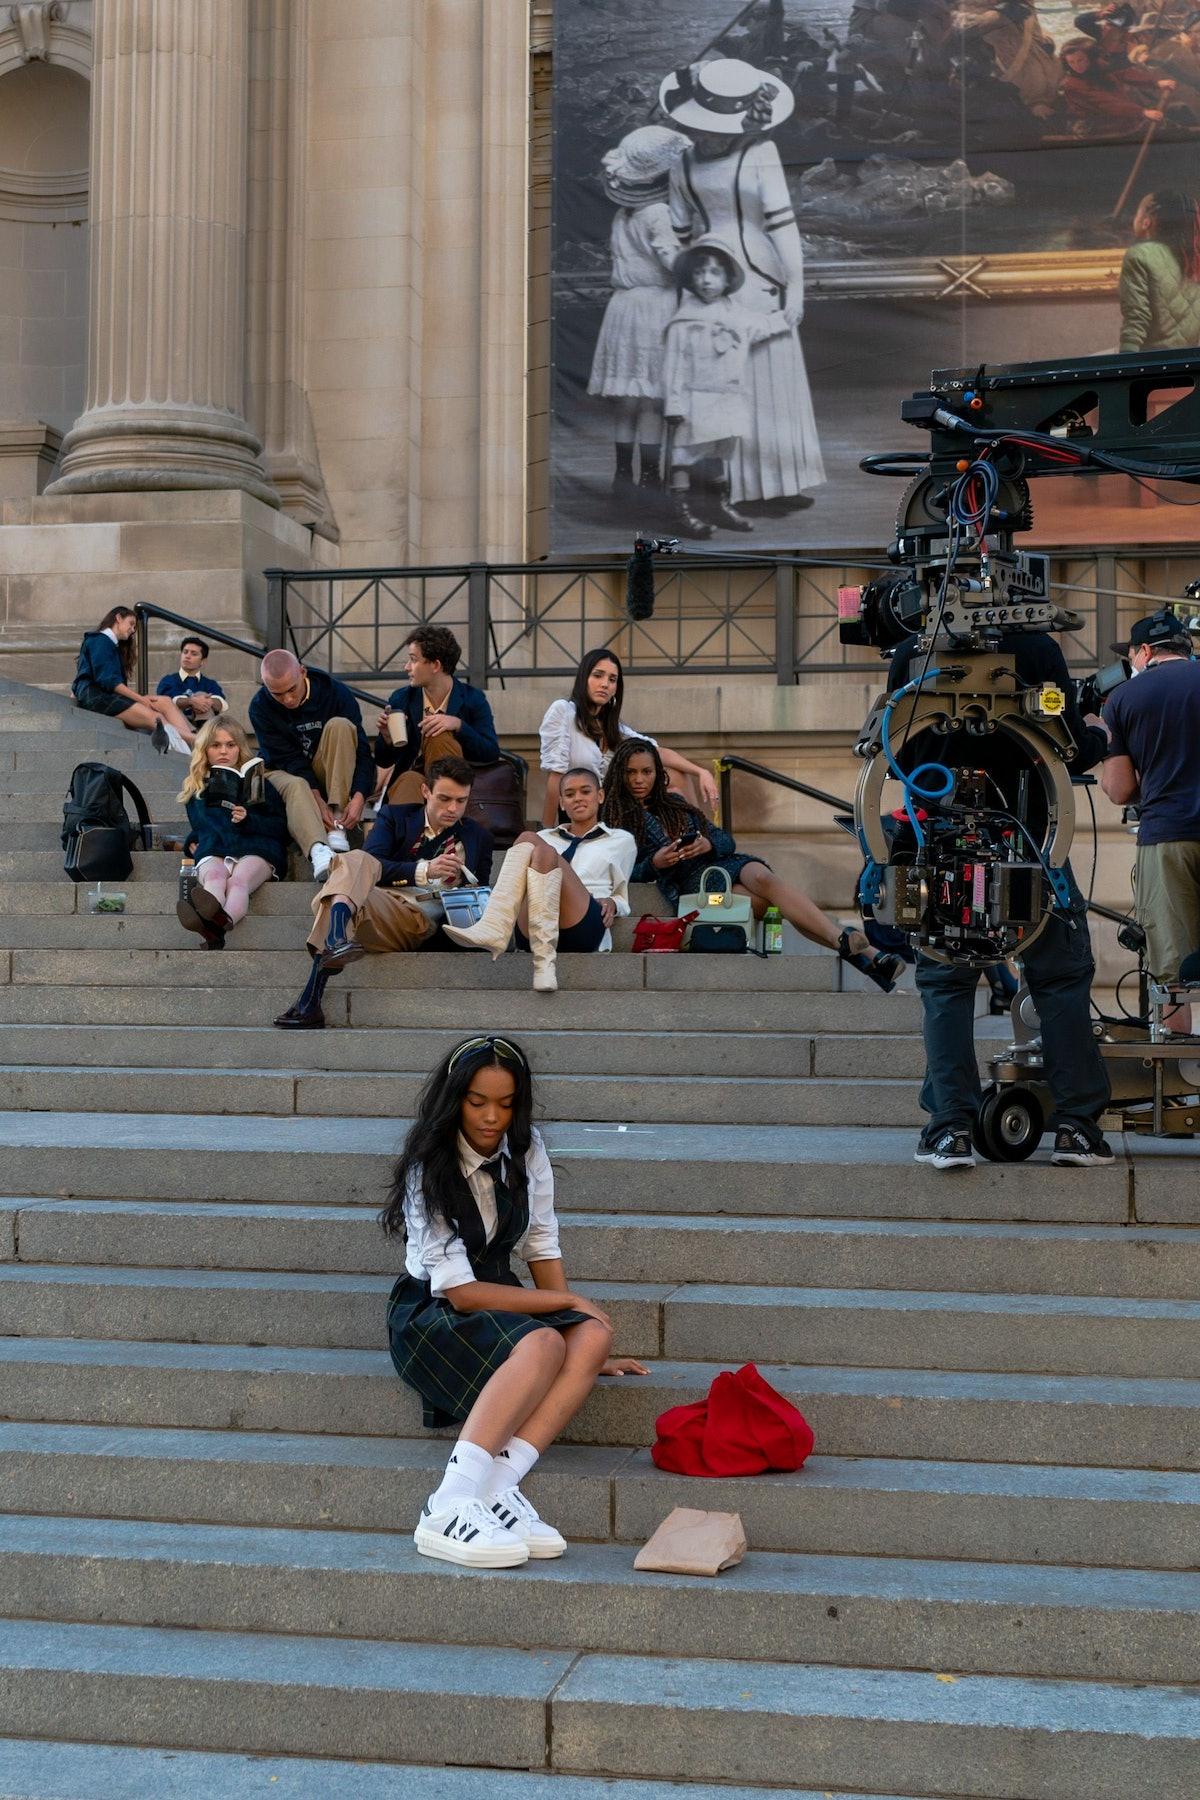 gossip girl cast filming at the met